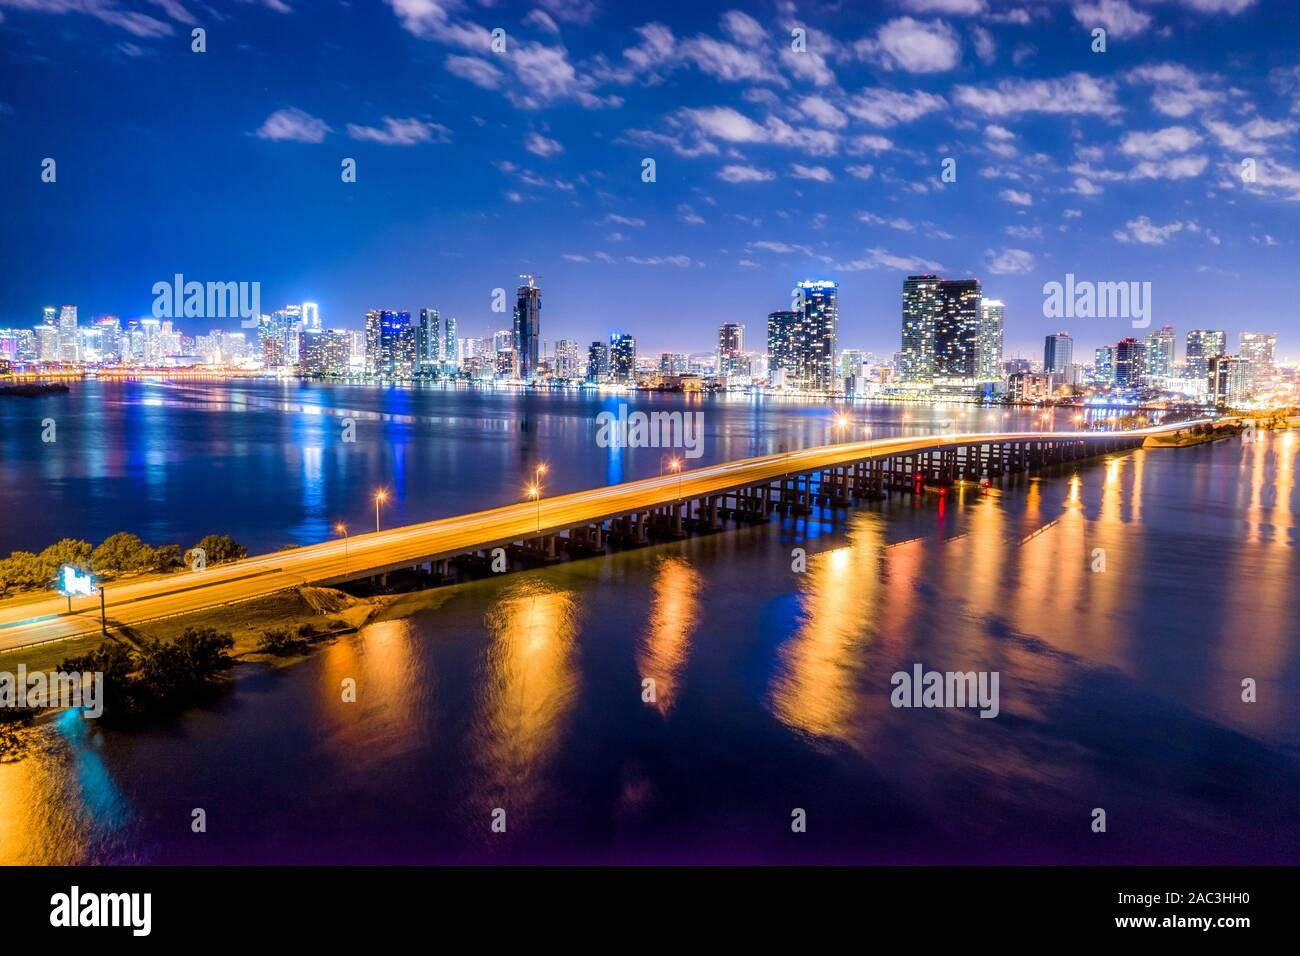 Antenne Miami Skyline Nacht lange Belichtung in Miami Beach und MacArthur Causeway Stockfoto